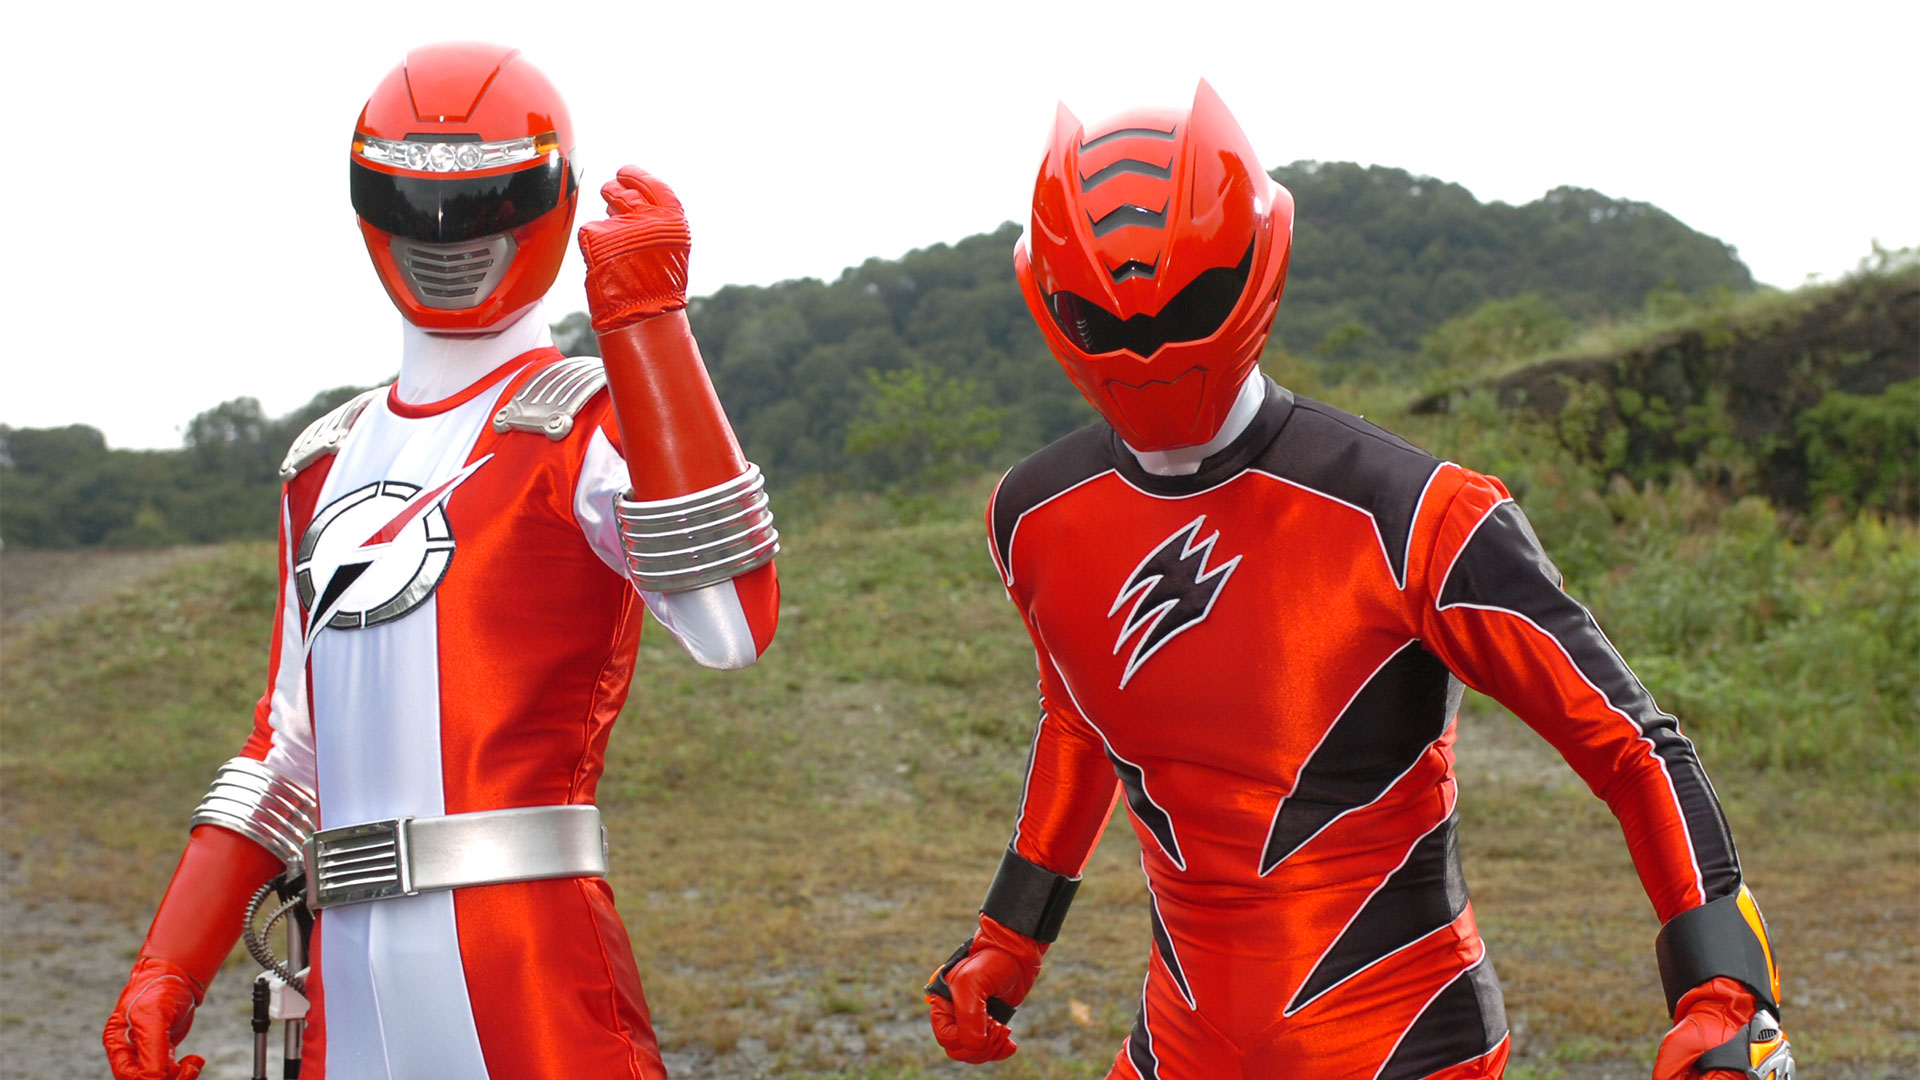 獣拳戦隊ゲキレンジャーVSボウケンジャー